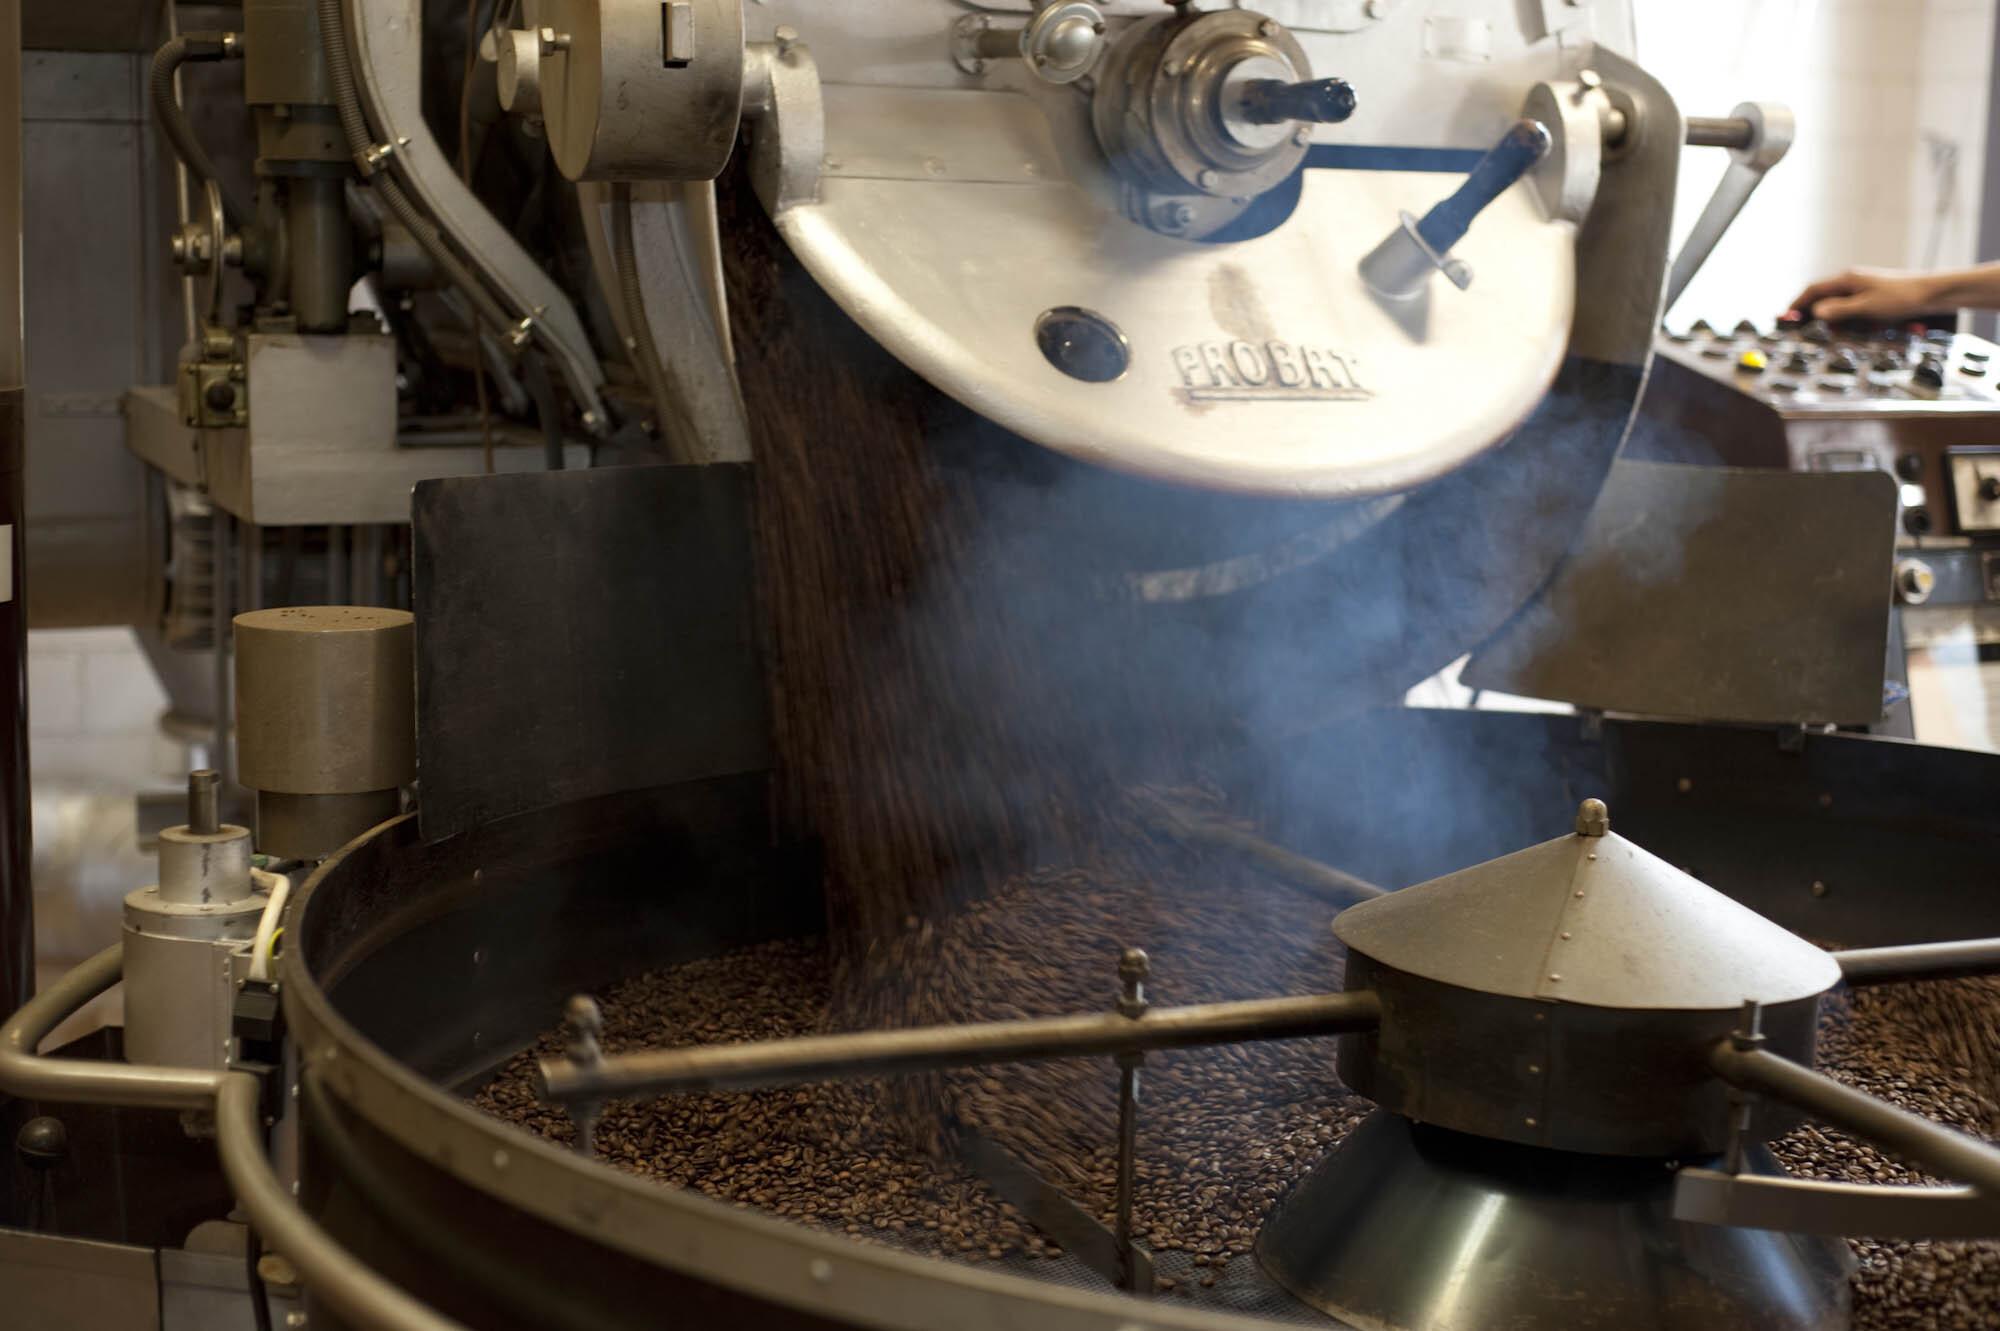 Caferama Kaffeebar & Shop Slide 1